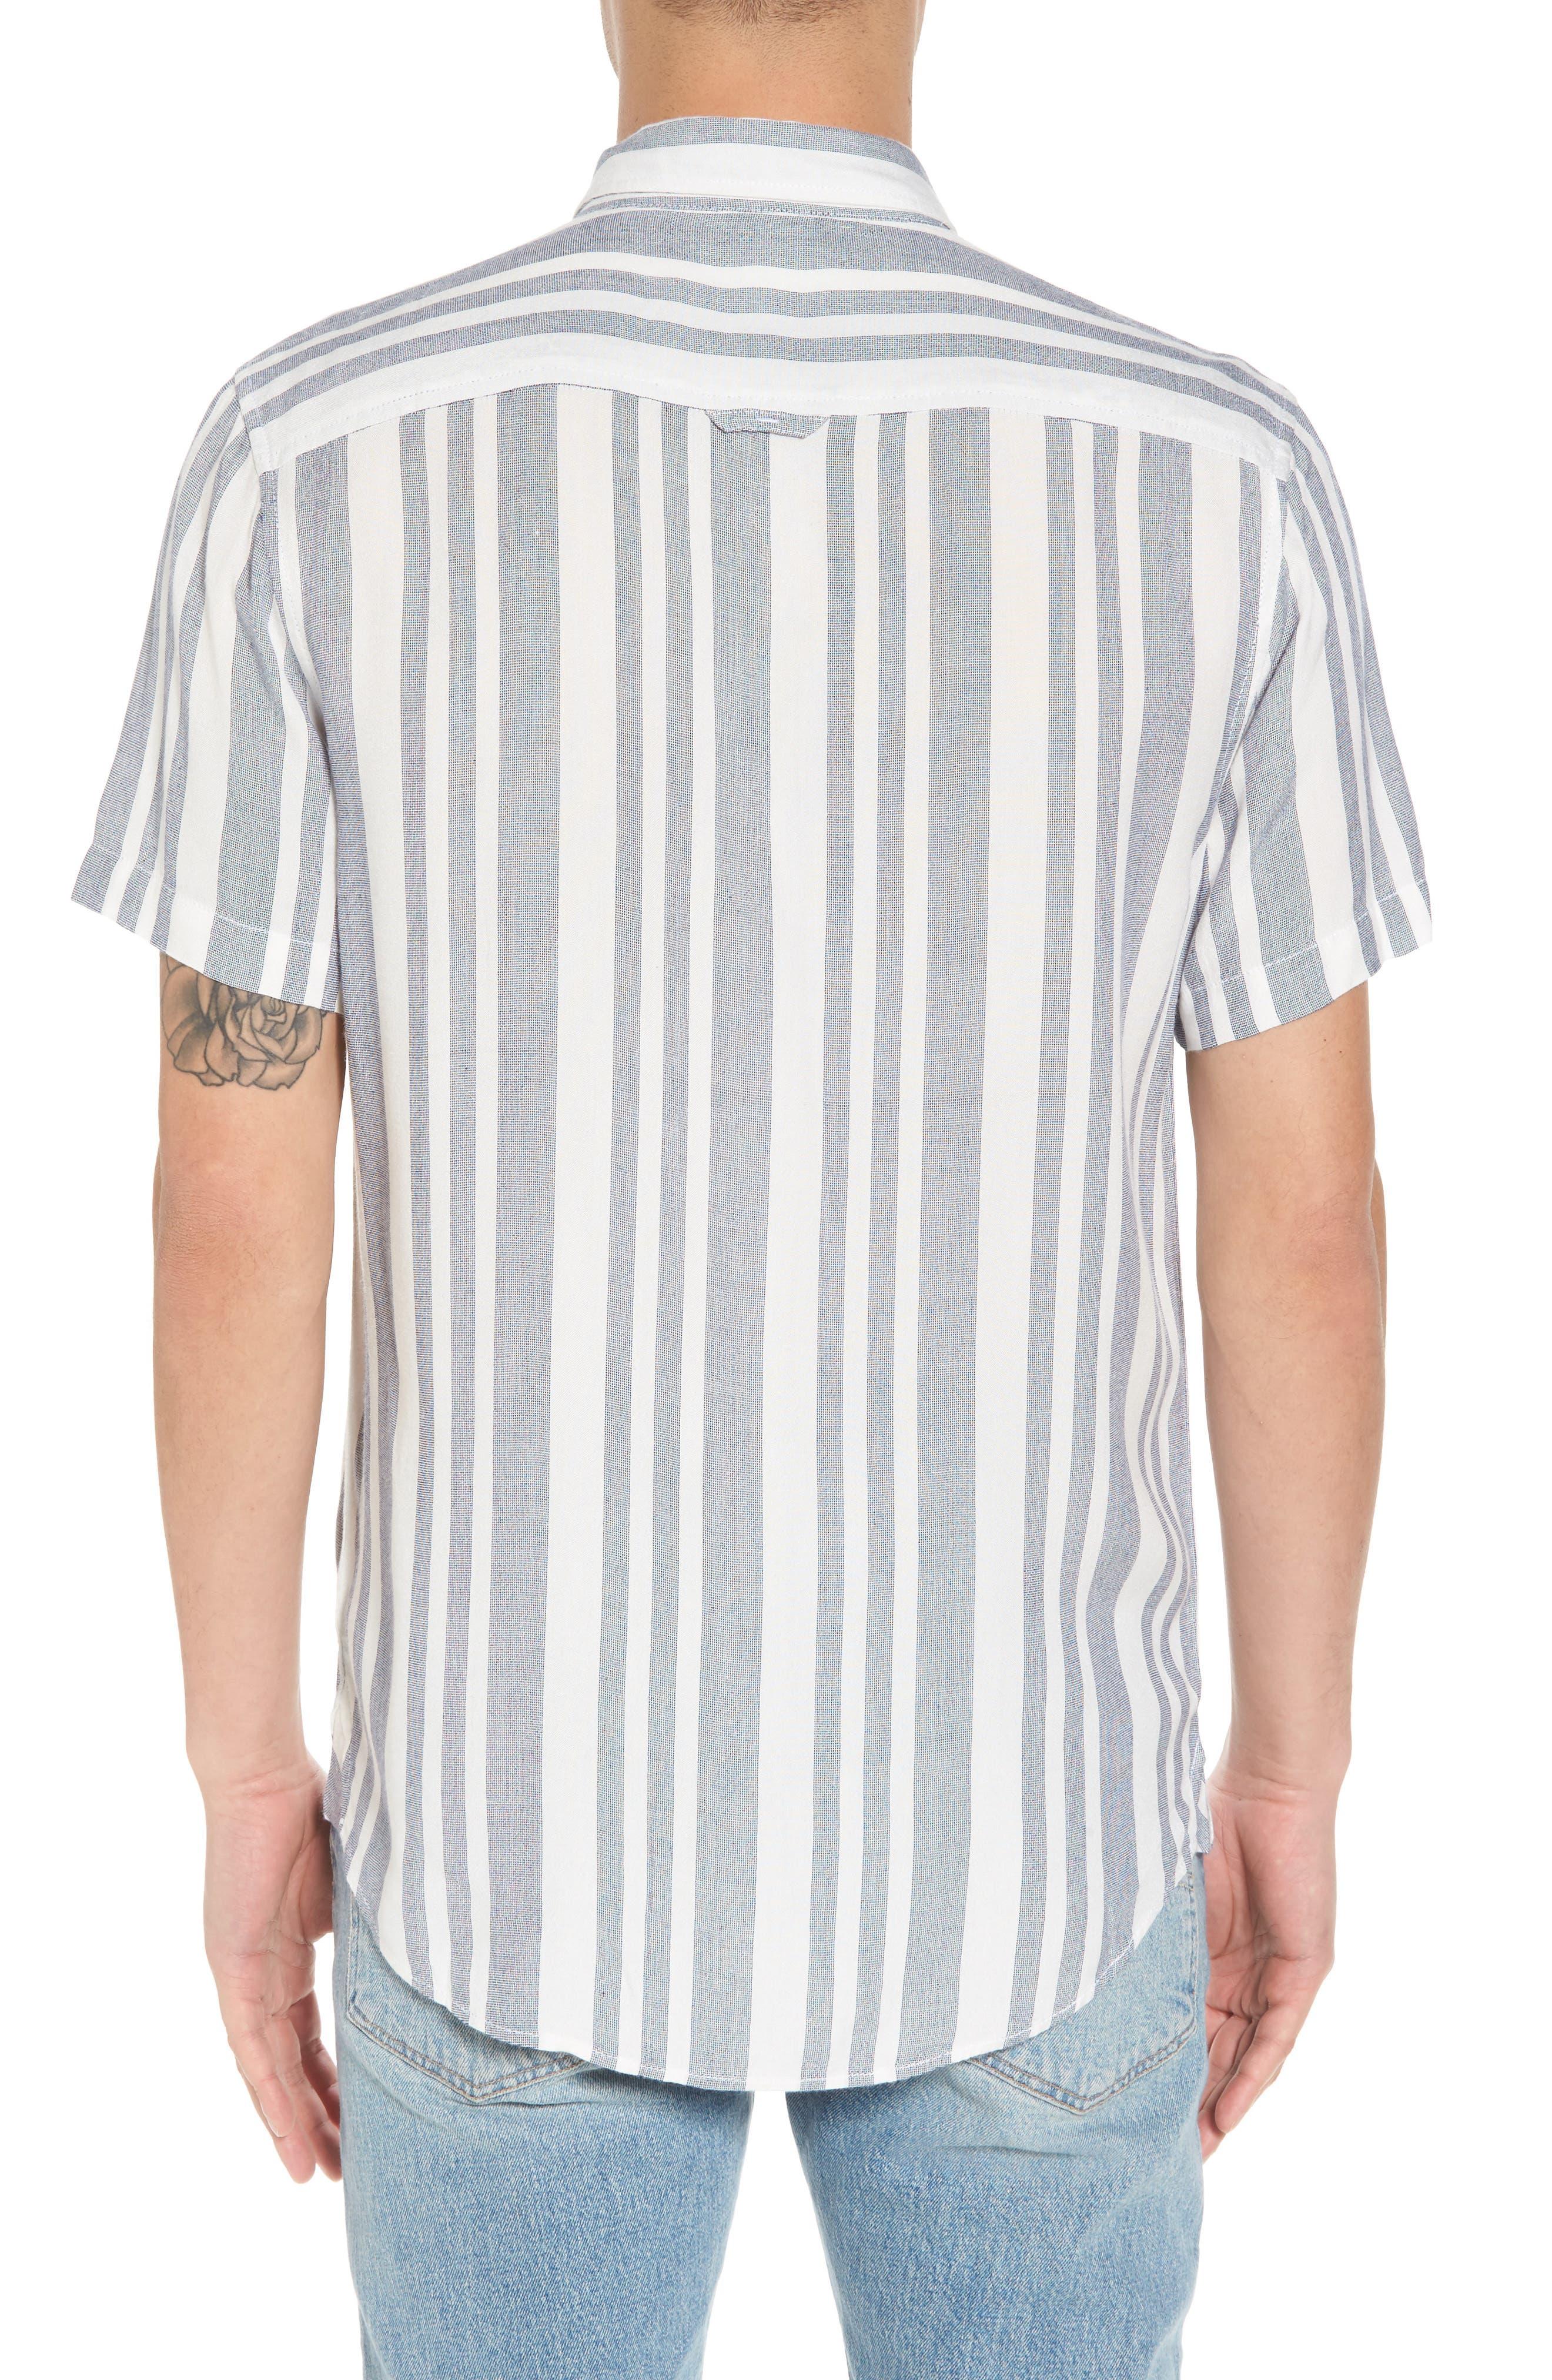 Stripe Woven Shirt,                             Alternate thumbnail 3, color,                             Navy White Eoe Stripe